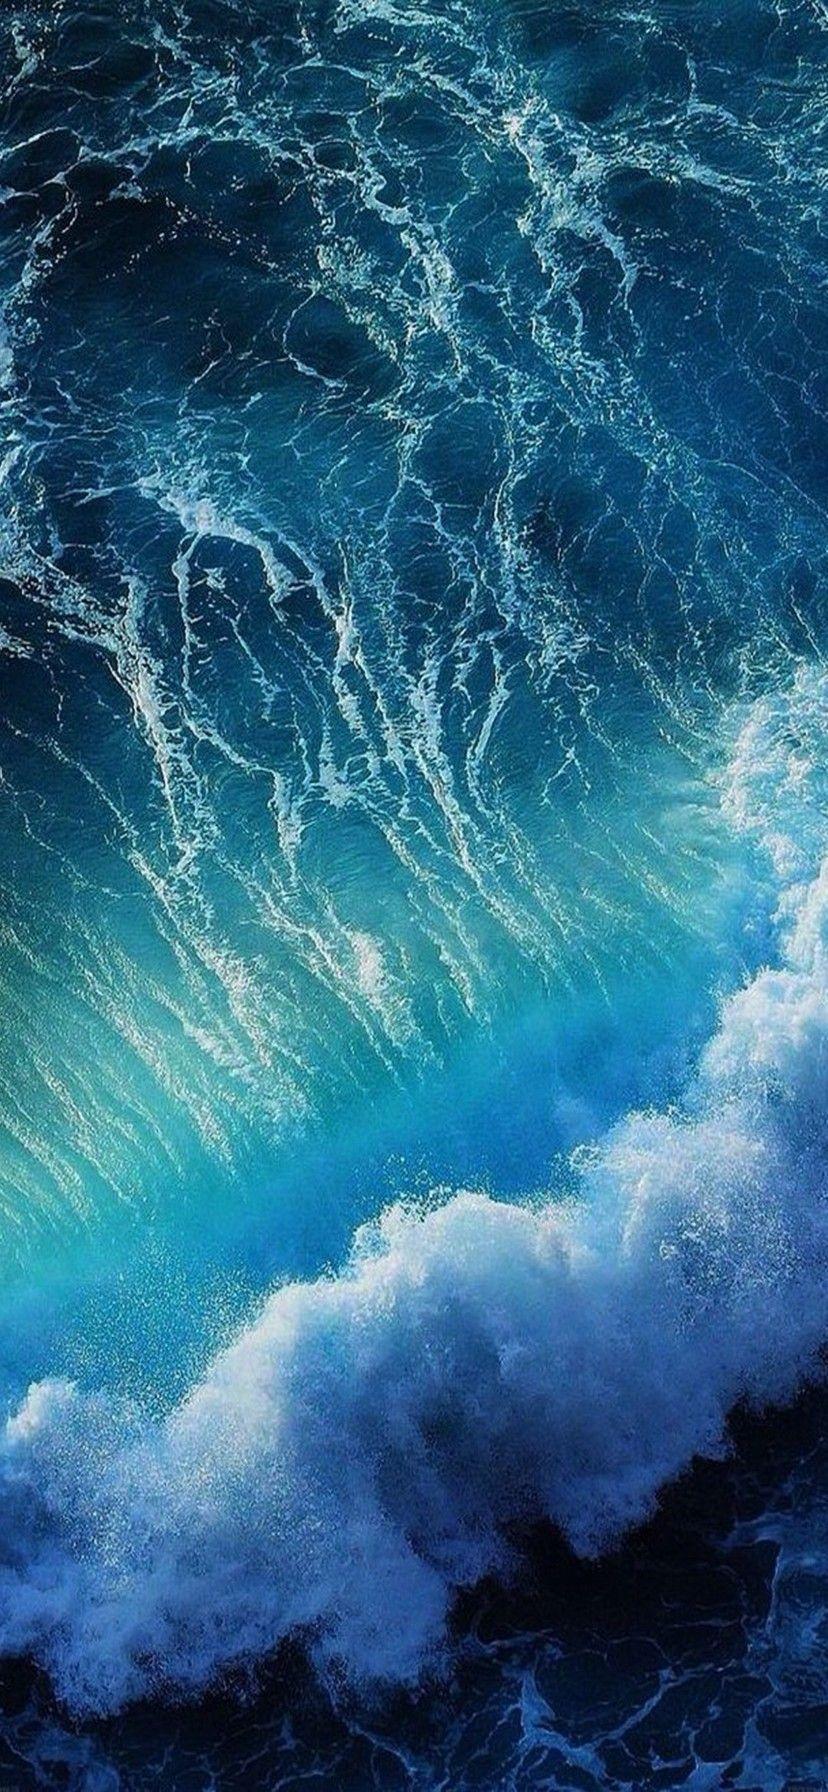 Iphone 11 Wallpaper Hd 4k Download In 2020 Ocean Wallpaper Ocean Waves Waves Wallpaper